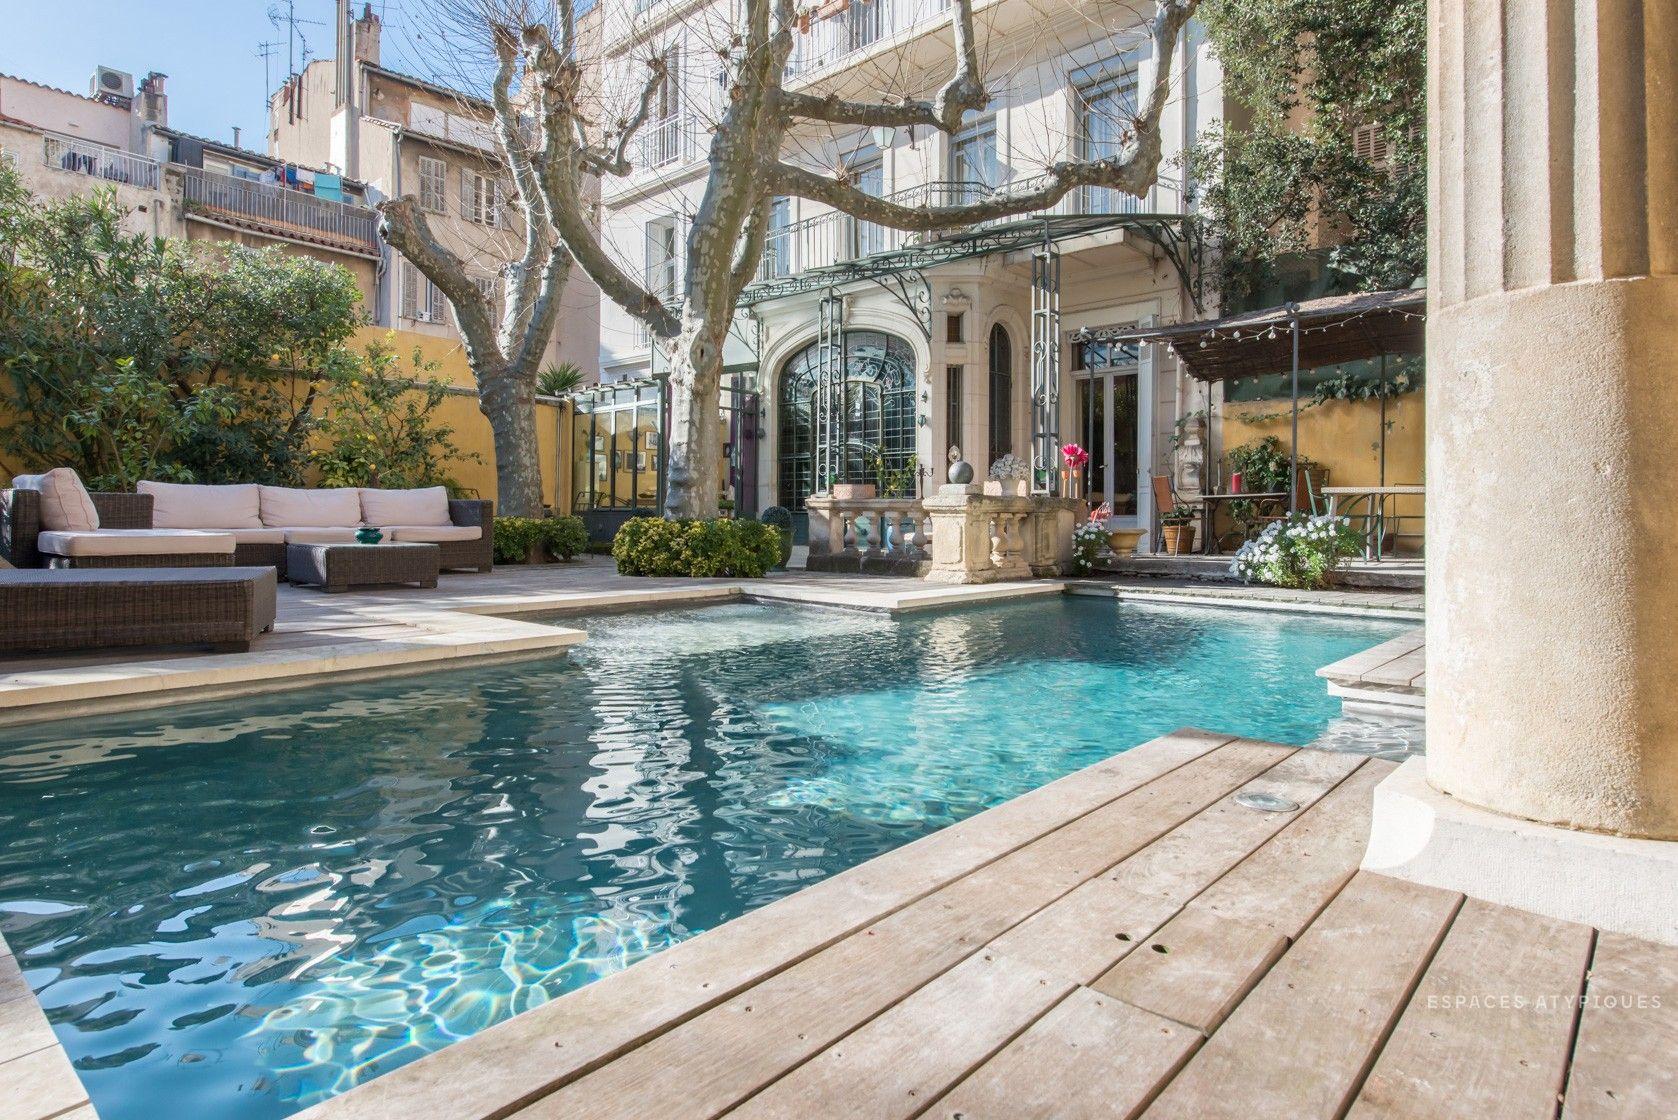 Duplex Avec Jardin Et Piscine Dans Un Hotel Particulier - Marseille